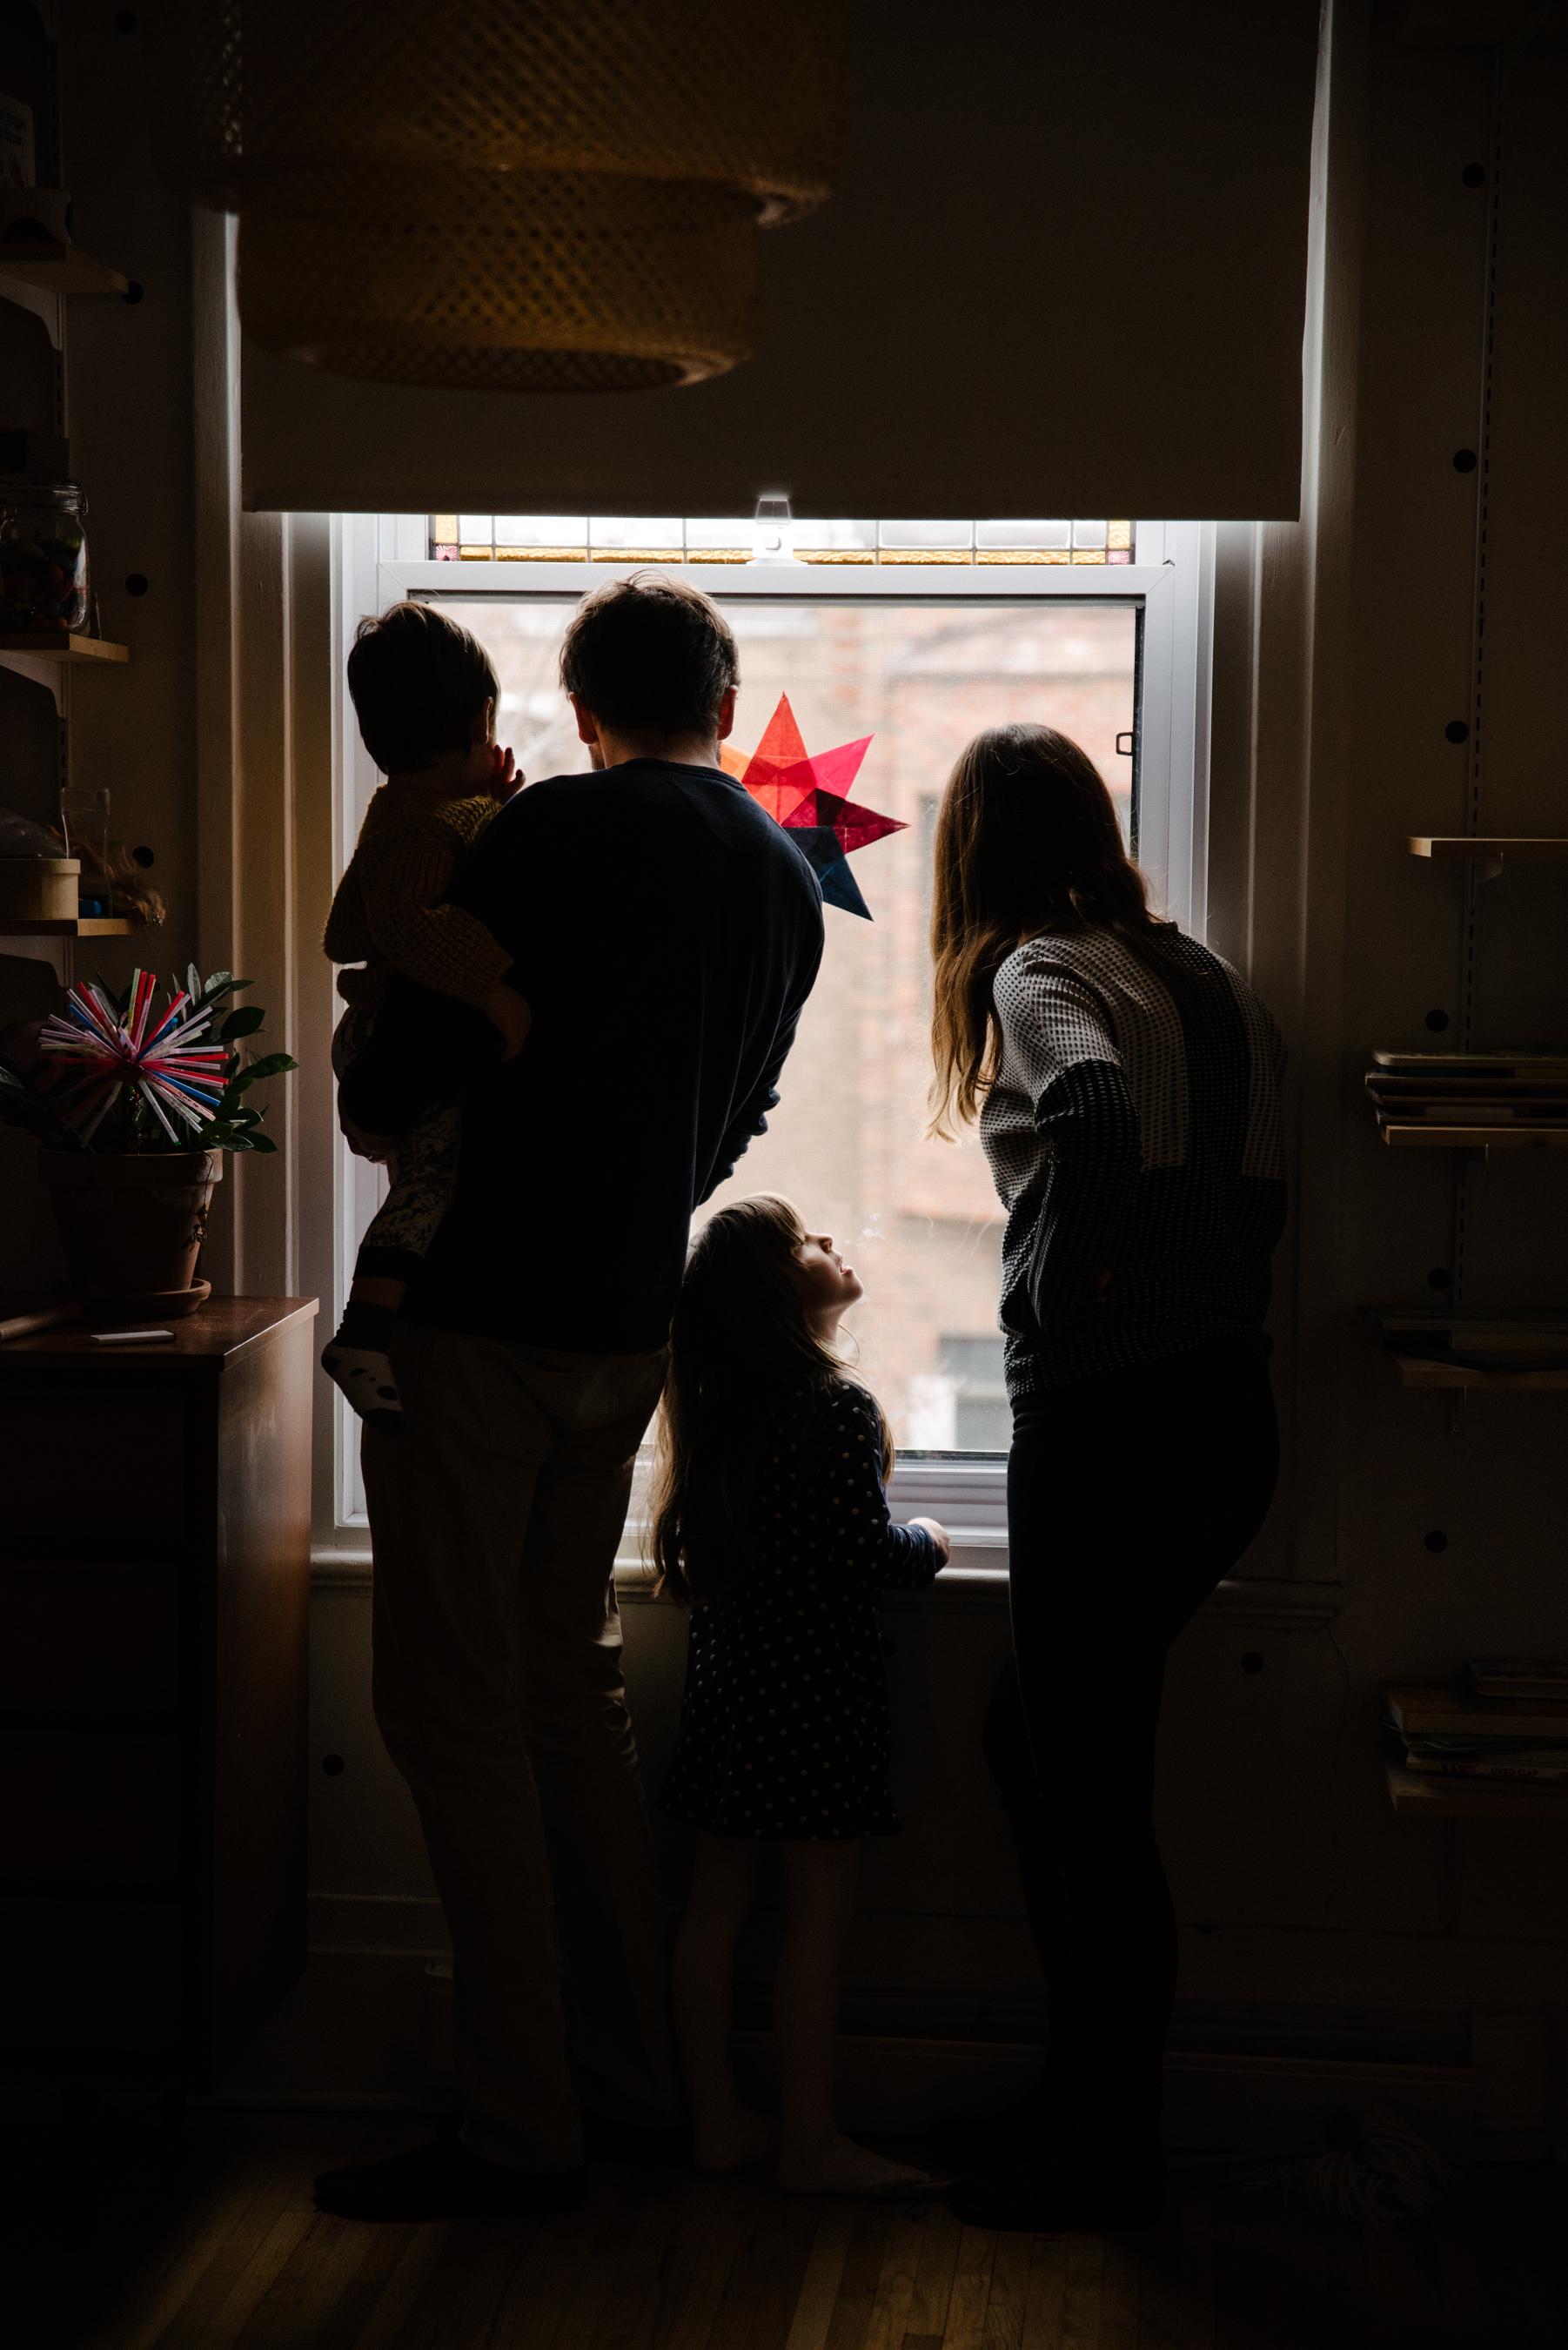 photo-d-une-famille-montrealaise-qui-regarde-par-la-fenetre-photographe-lifestyle-famille-et-nouveau-ne-a-montreal-marianne-charland-294.jpg